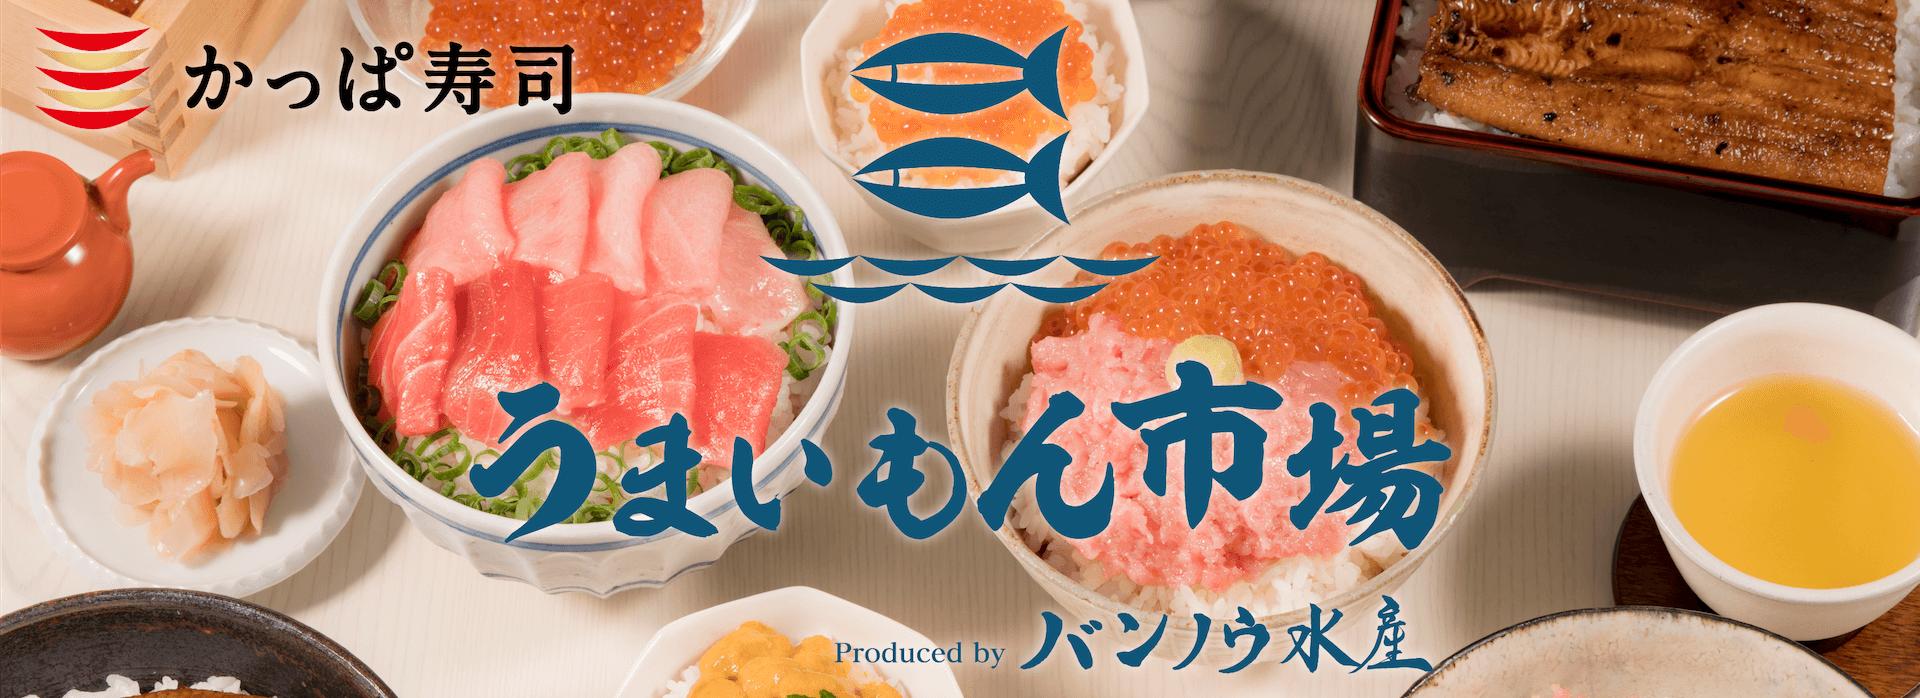 かっぱ寿司うまいもん市場